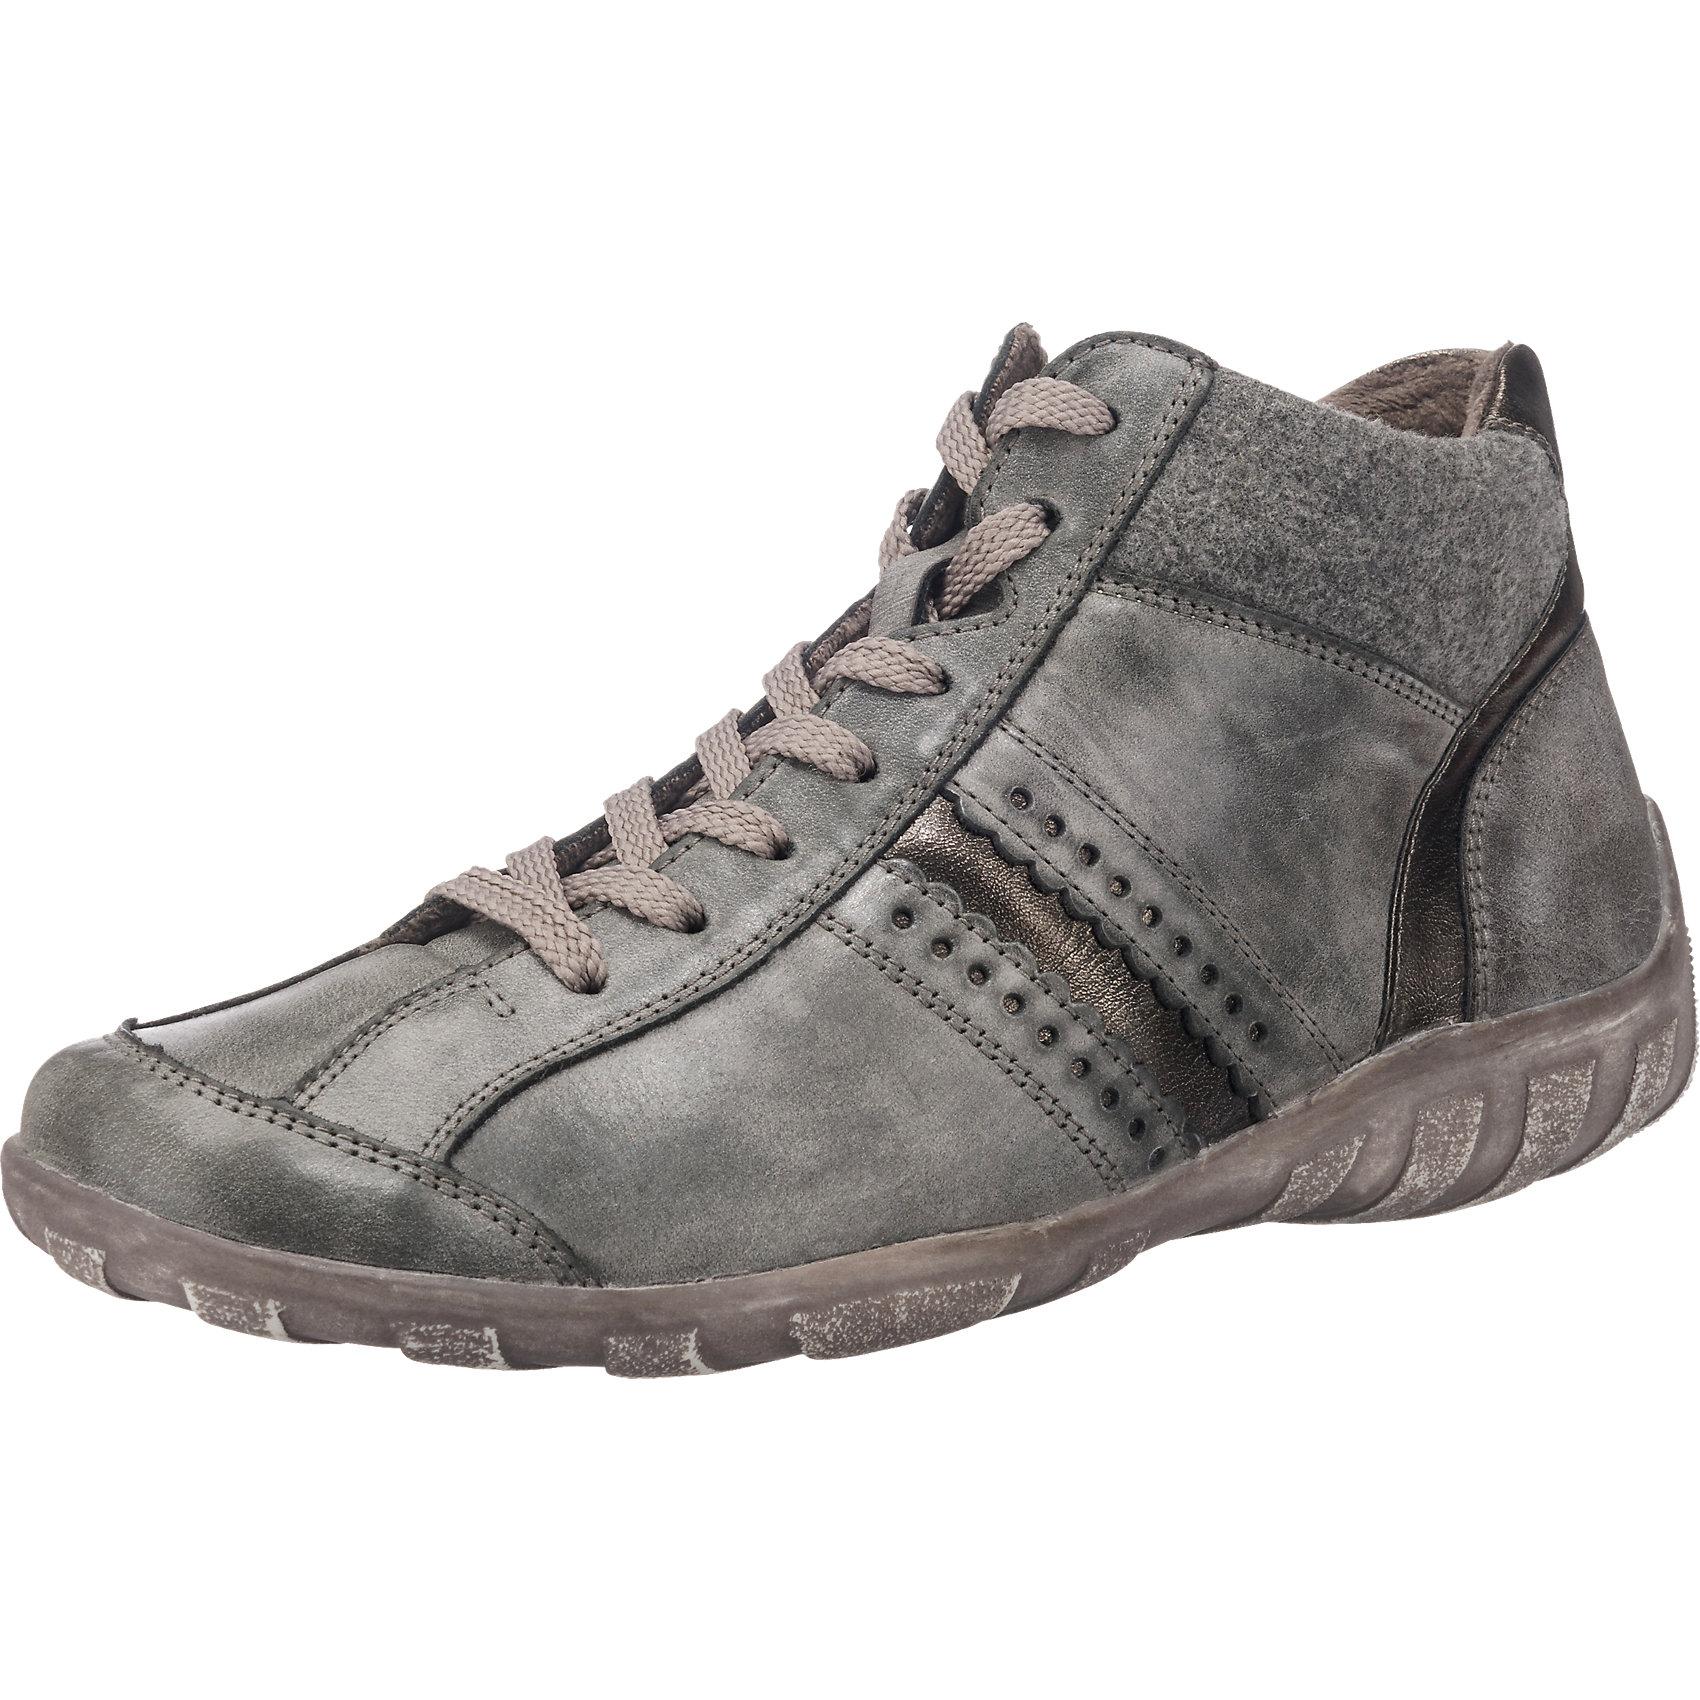 Neu remonte Stiefeletten 6760321 für Damen grau grau grau 77a3de